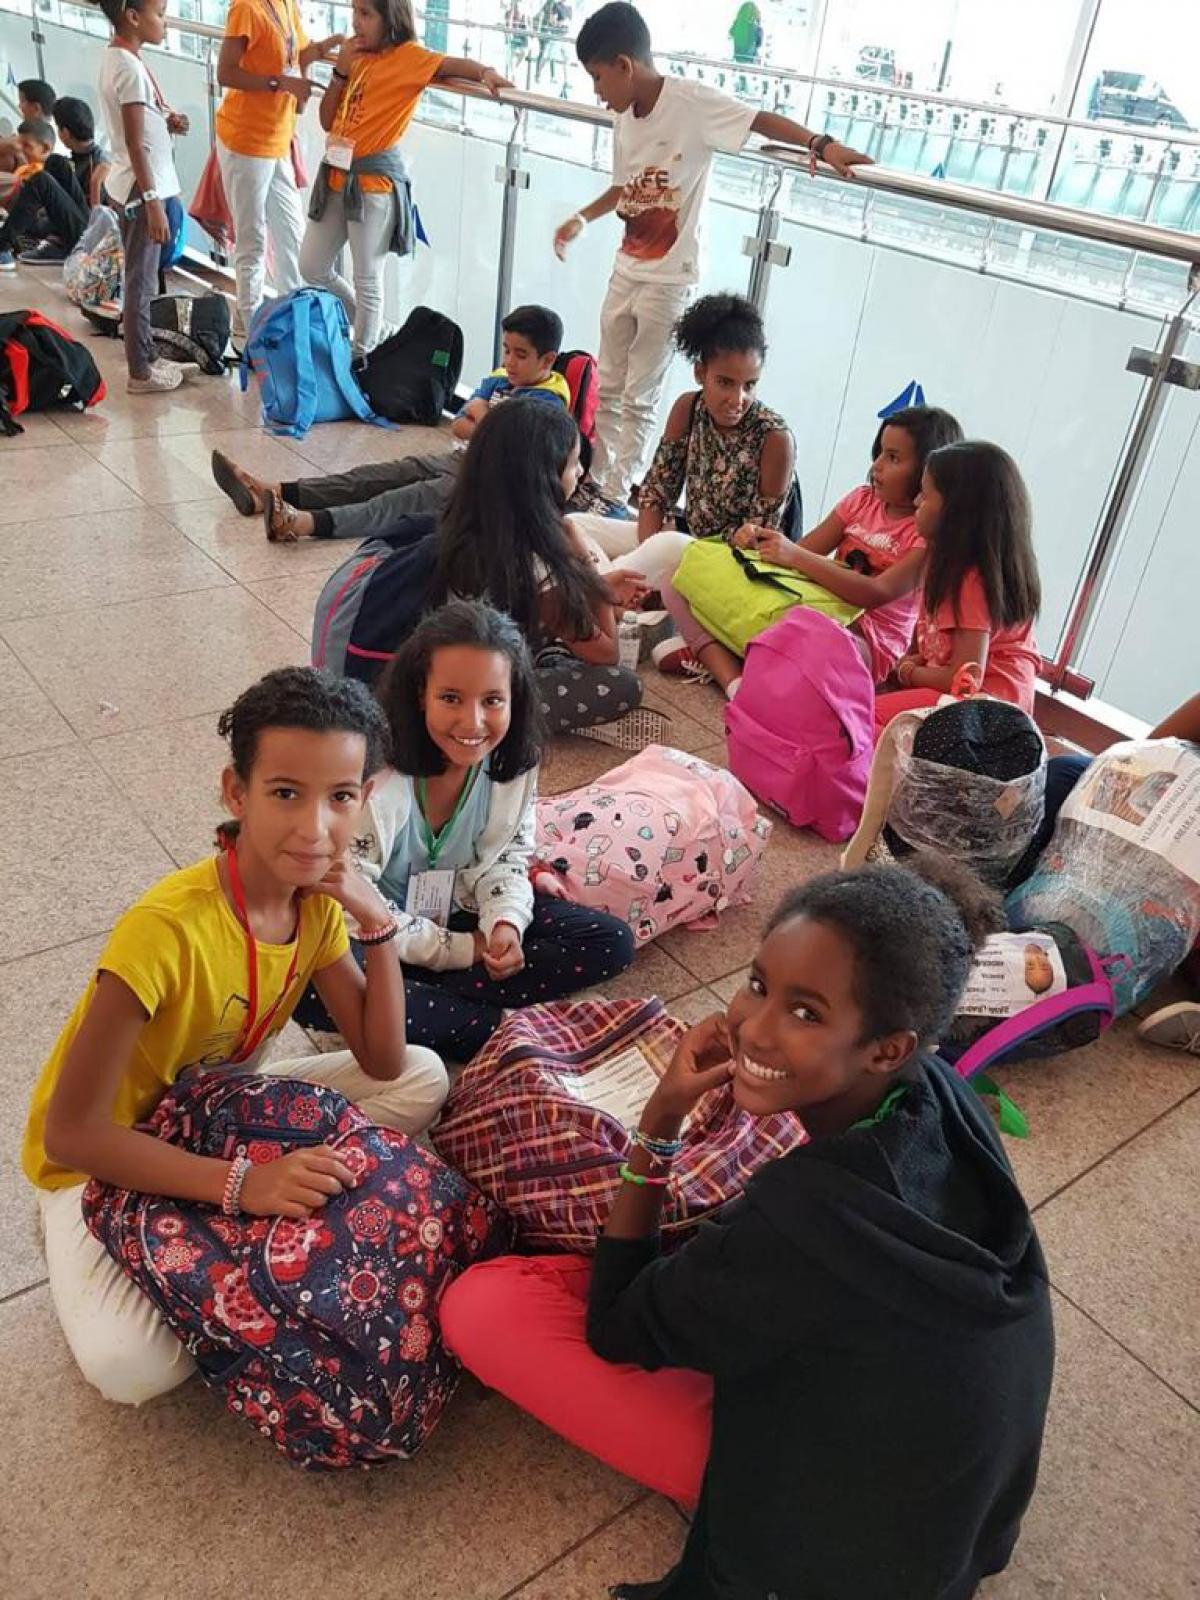 Alguns dels infants sahrauís